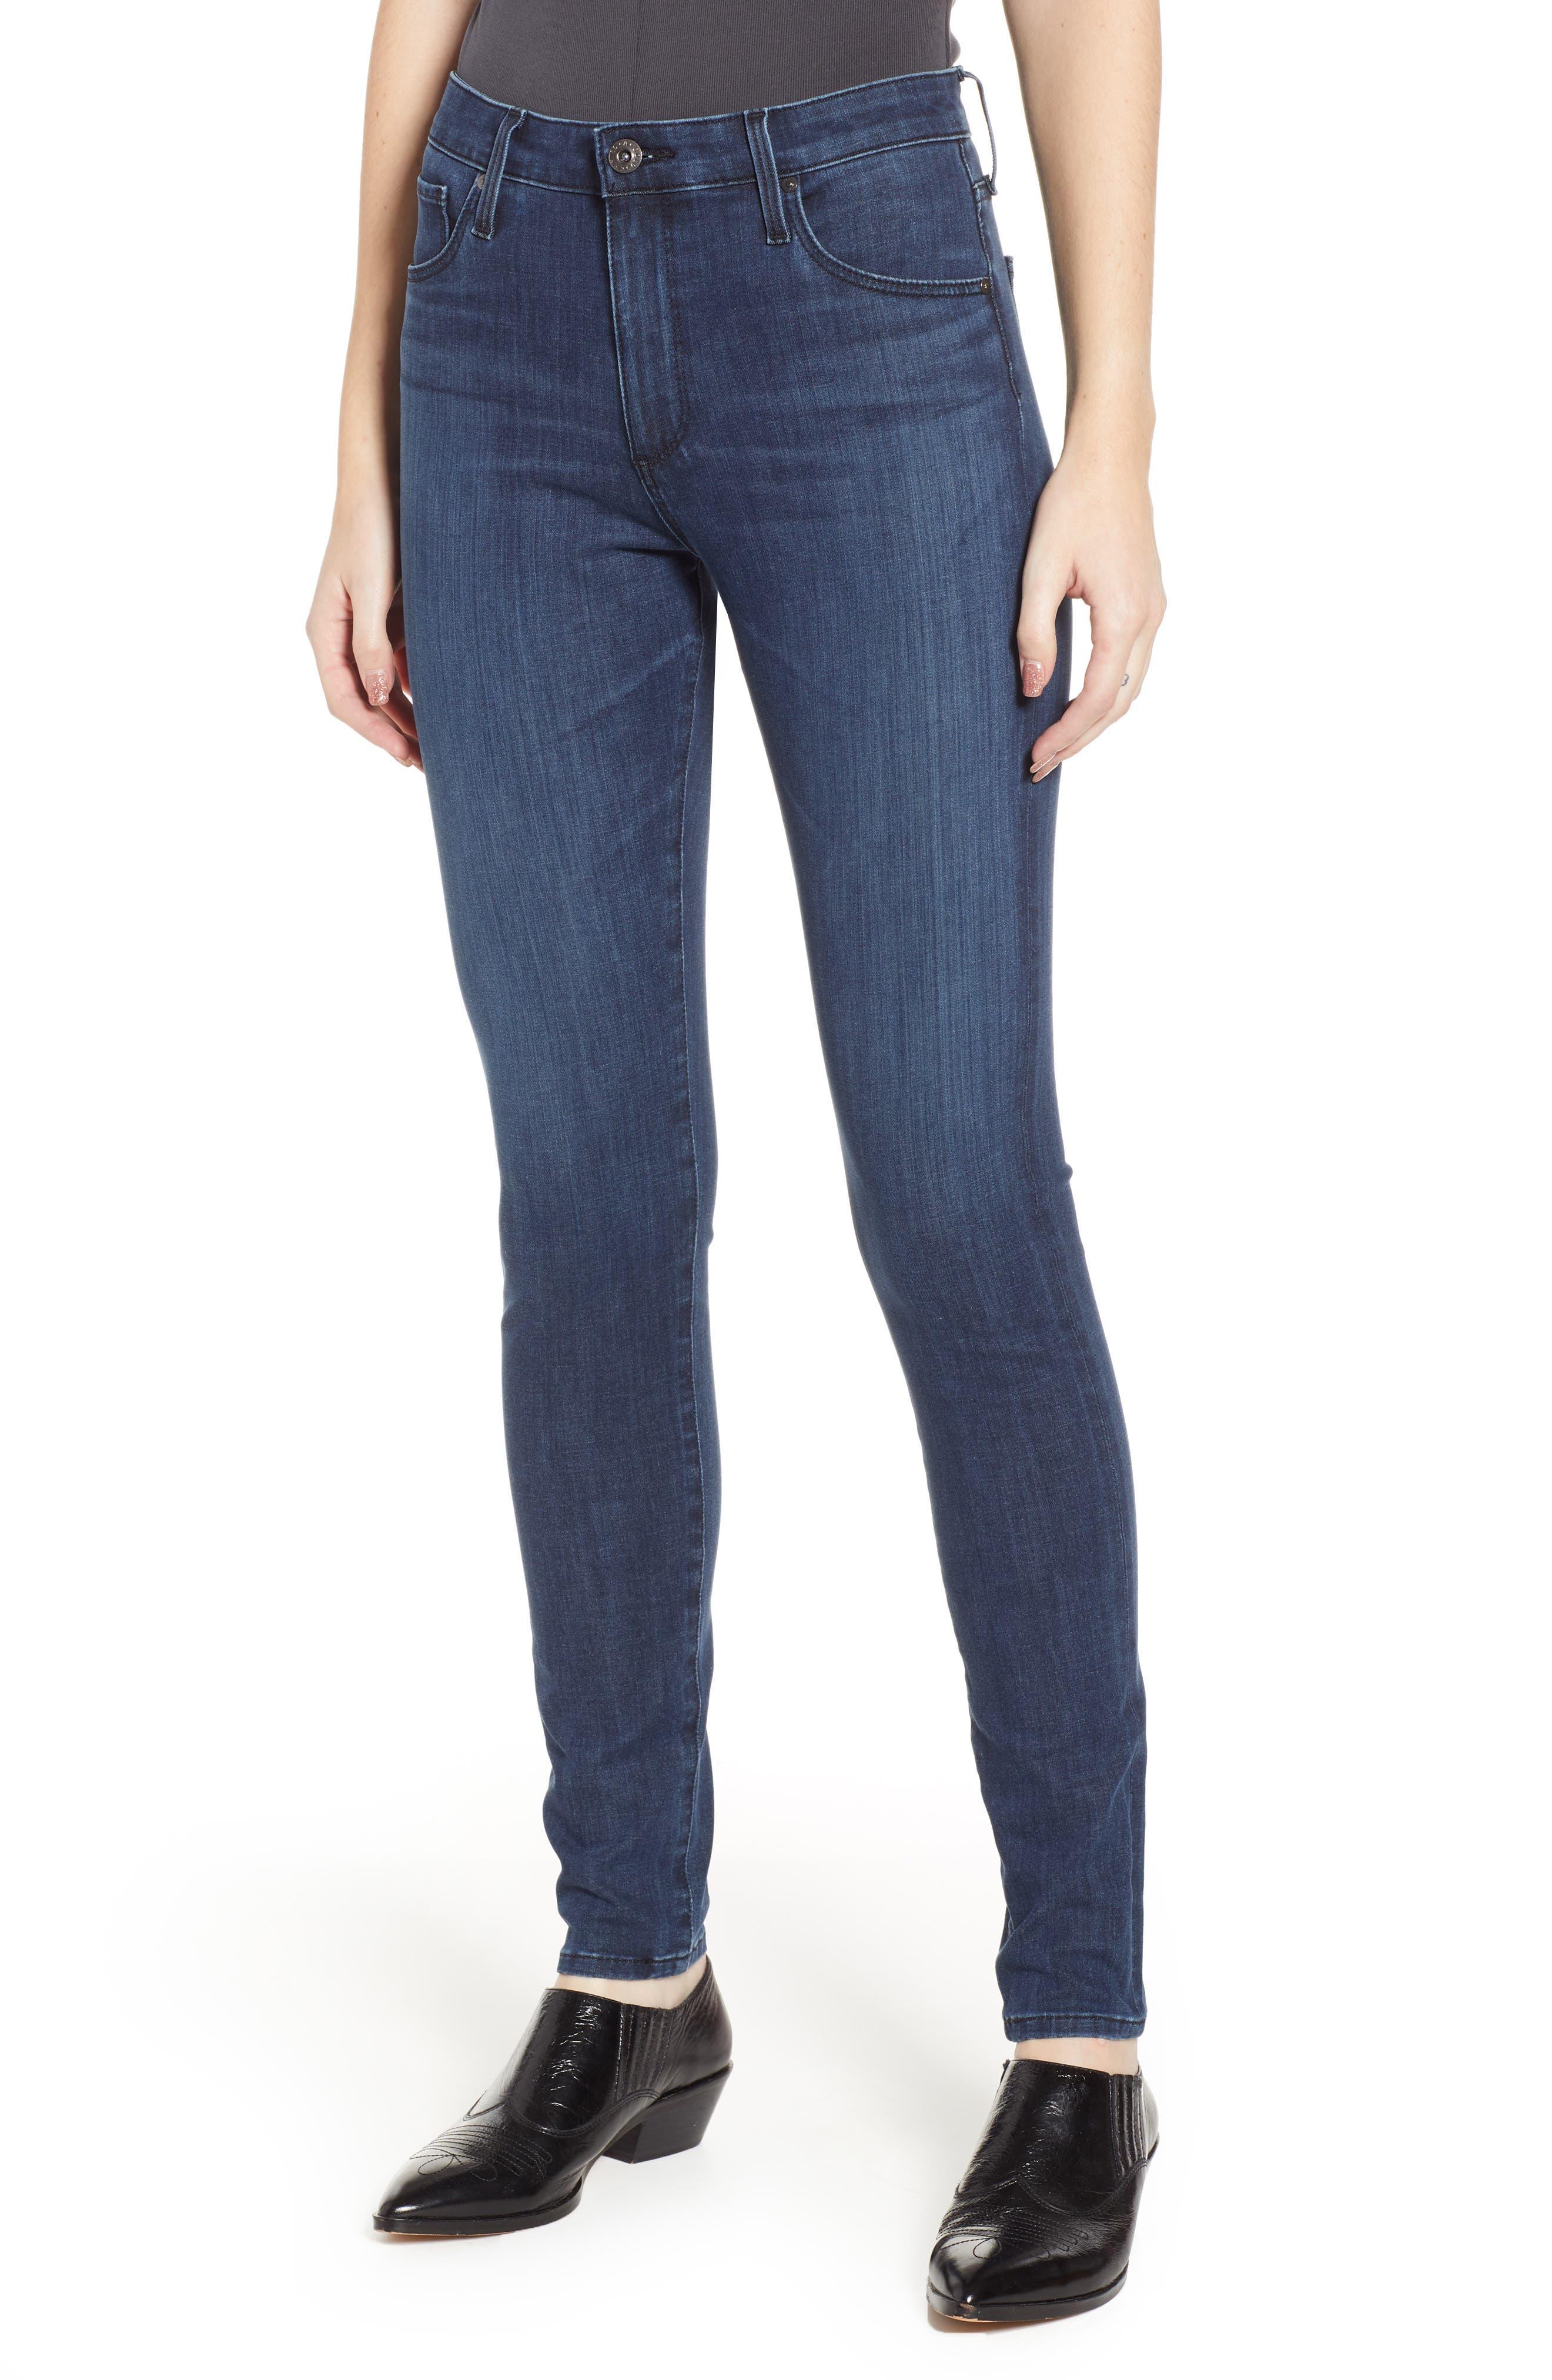 AG, The Farrah High Waist Skinny Jeans, Main thumbnail 1, color, 430